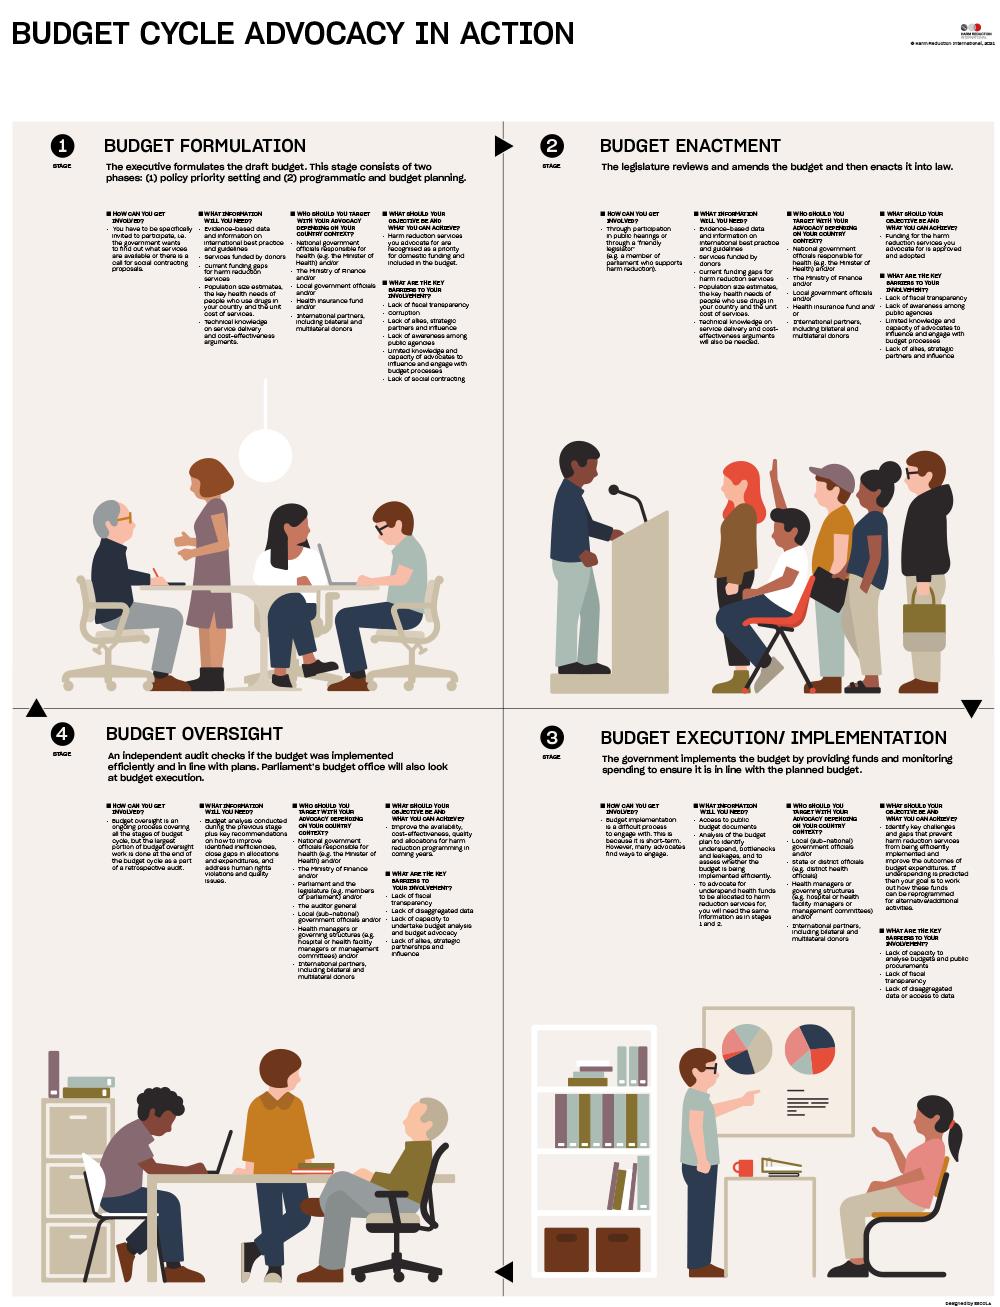 HRI Budget Advocacy Guide Infographic